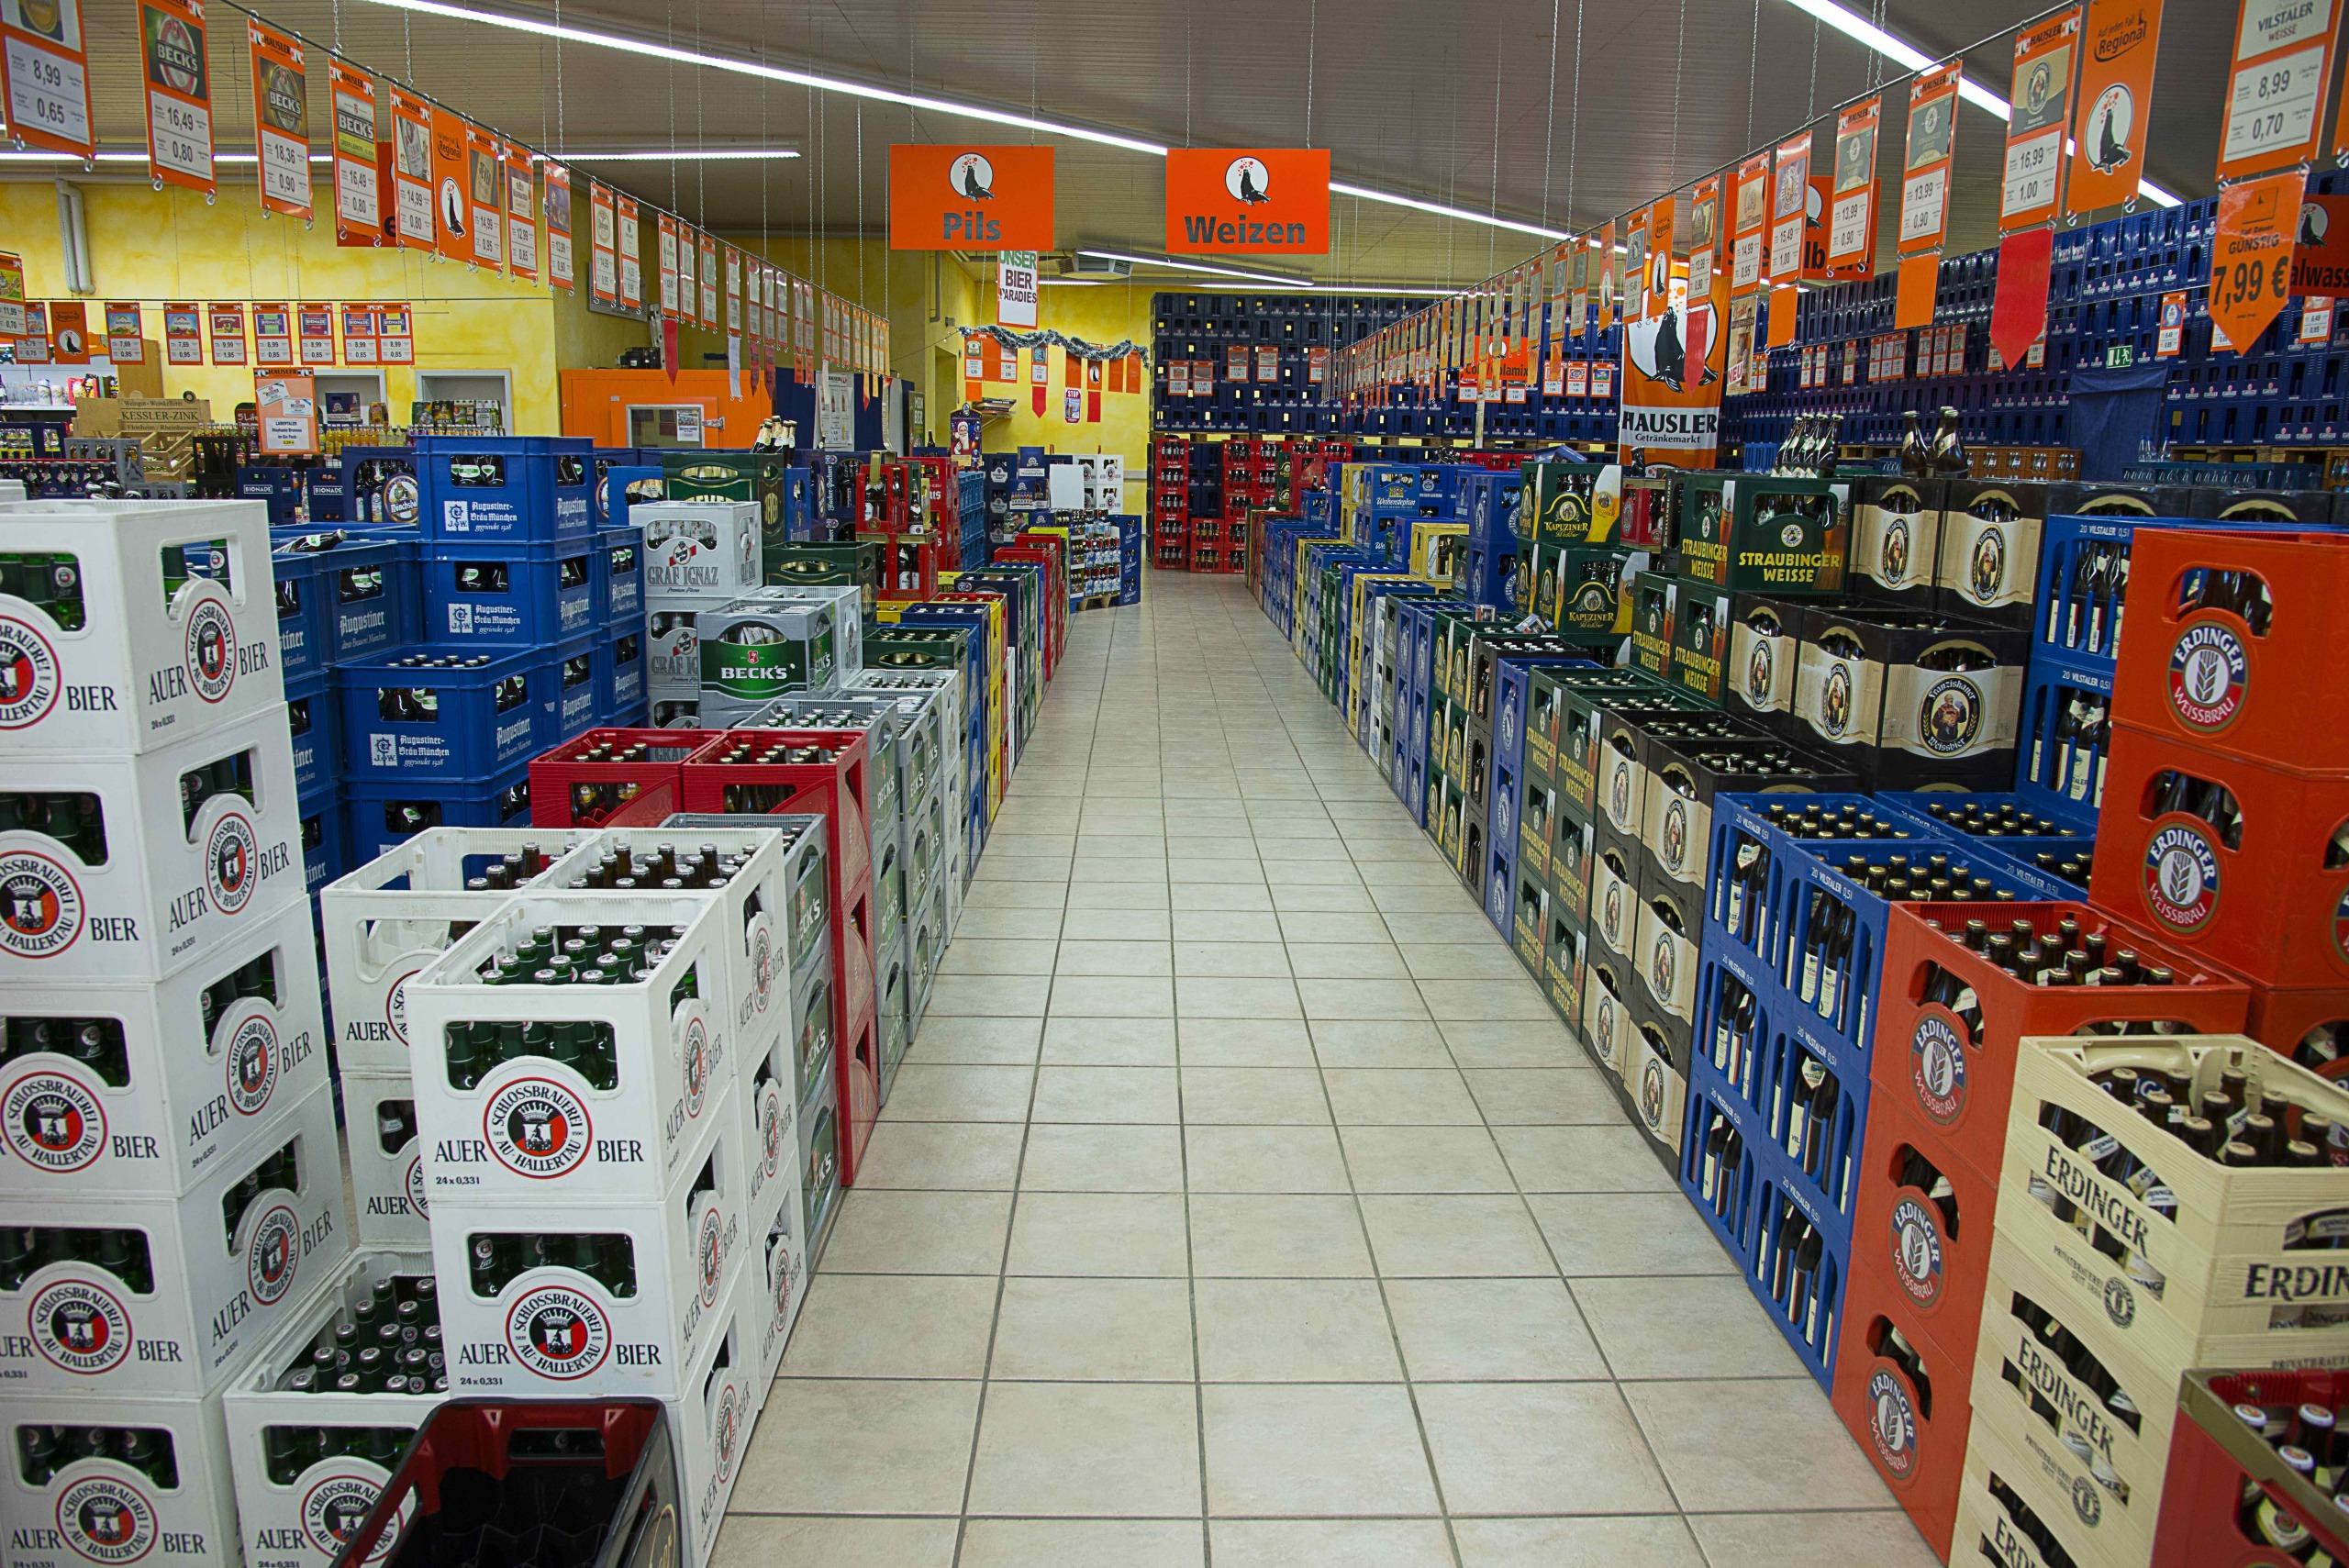 Hausler Getränkemarkt _ Pils und Weizen